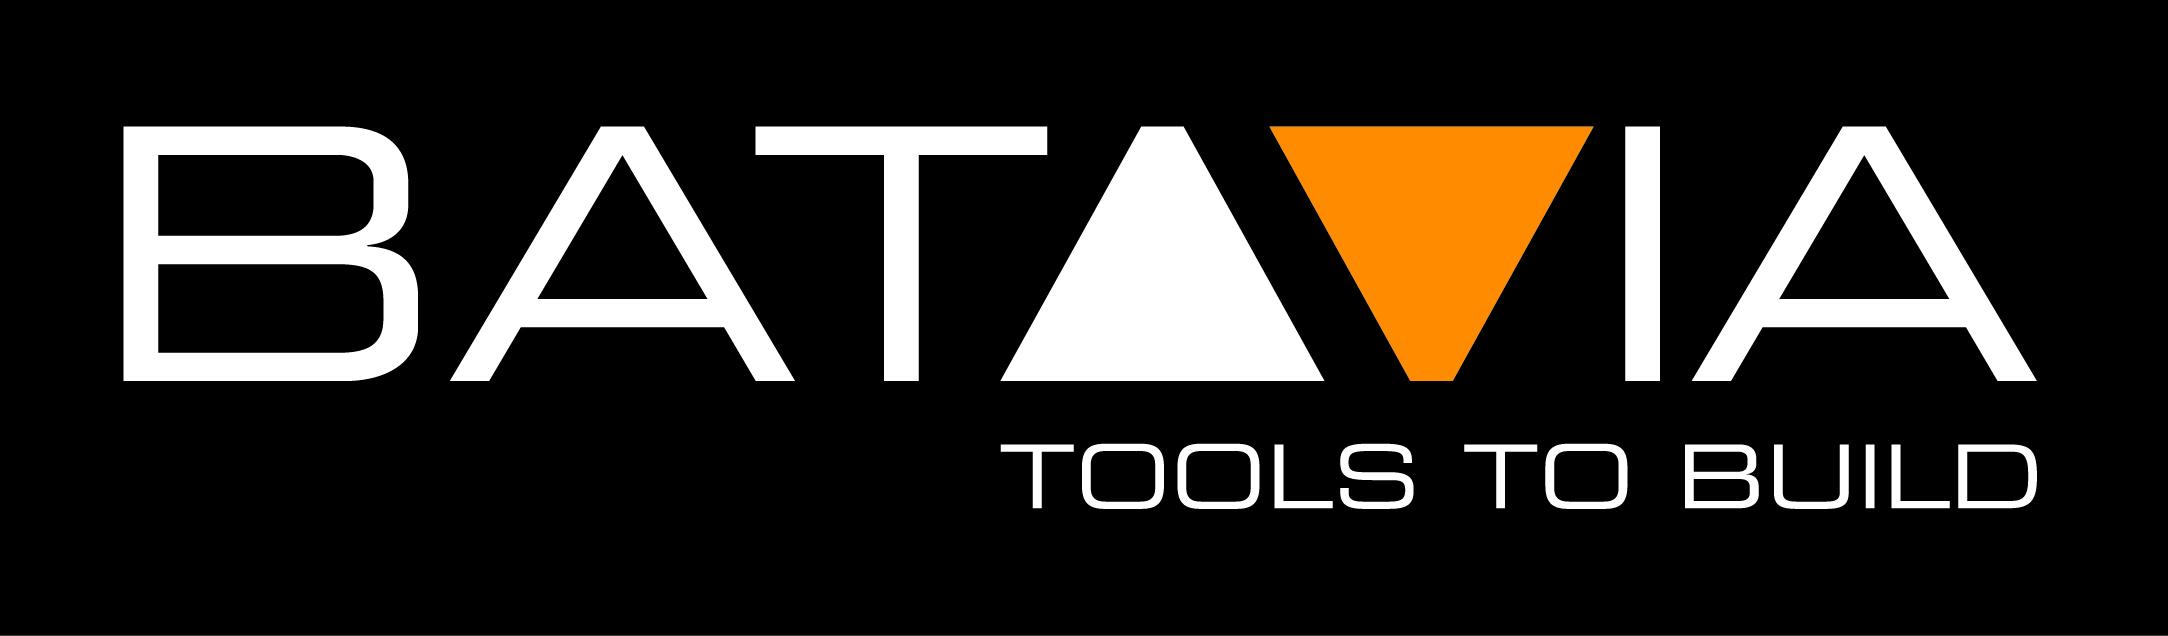 Welcome to Bataviastore.com | Complete range of Batavia tools